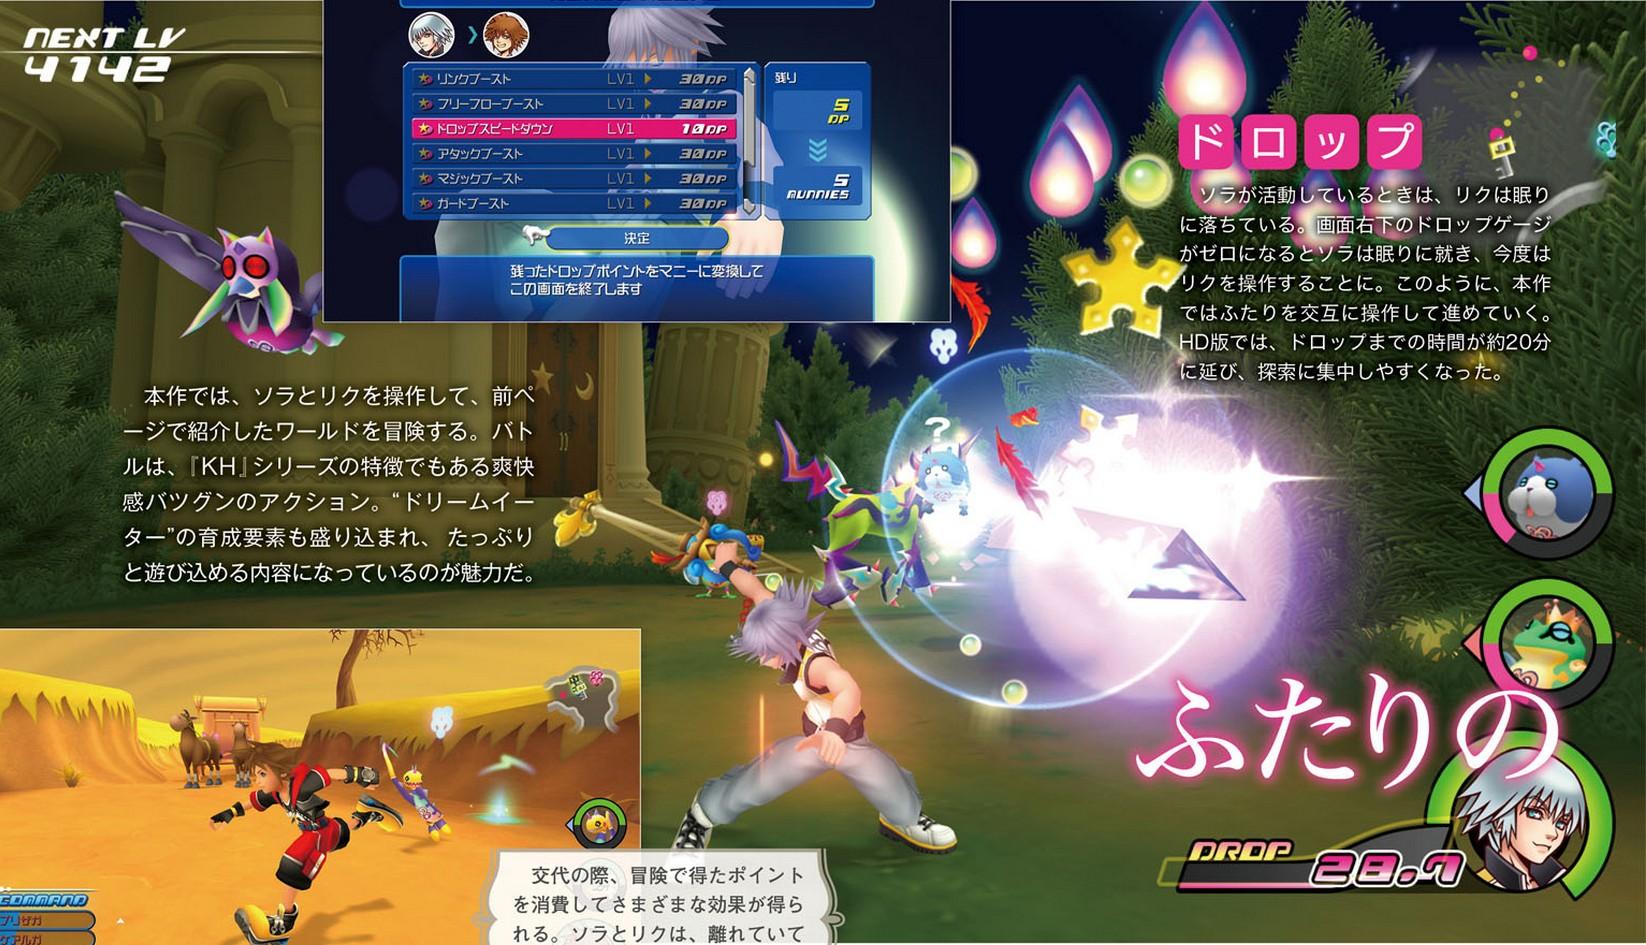 KingdomHearts2.8-FinalChapterPrologue PS4 Div 010